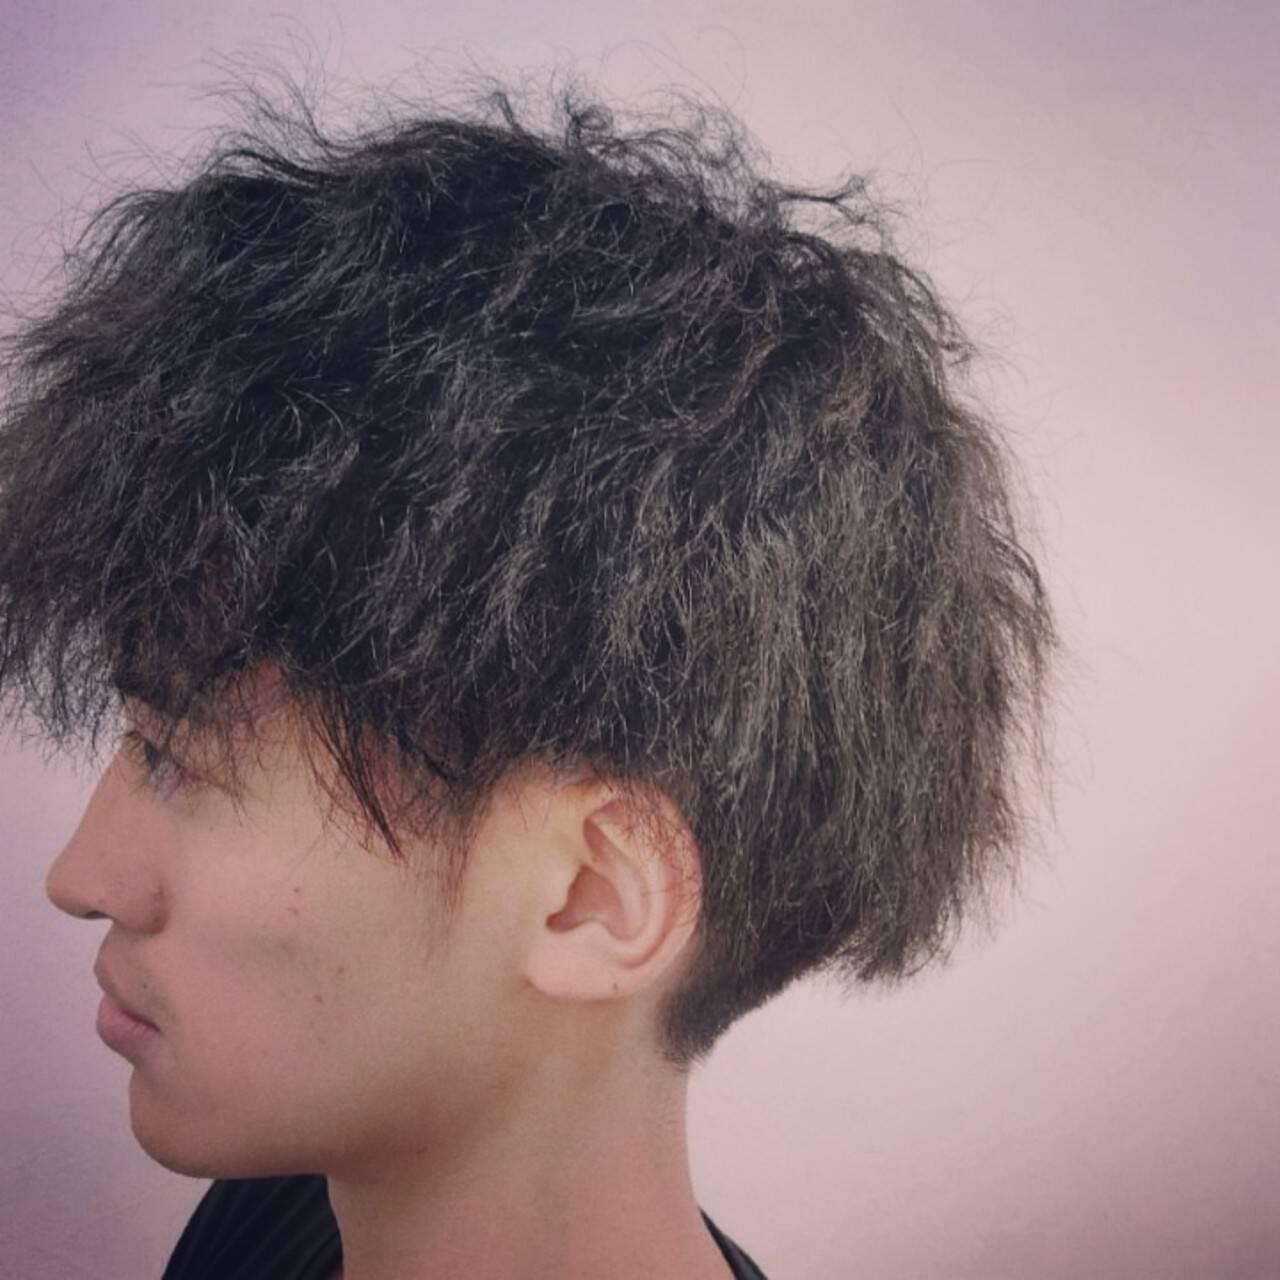 スパイラルパーマ メンズショート ストリート ショートヘアスタイルや髪型の写真・画像